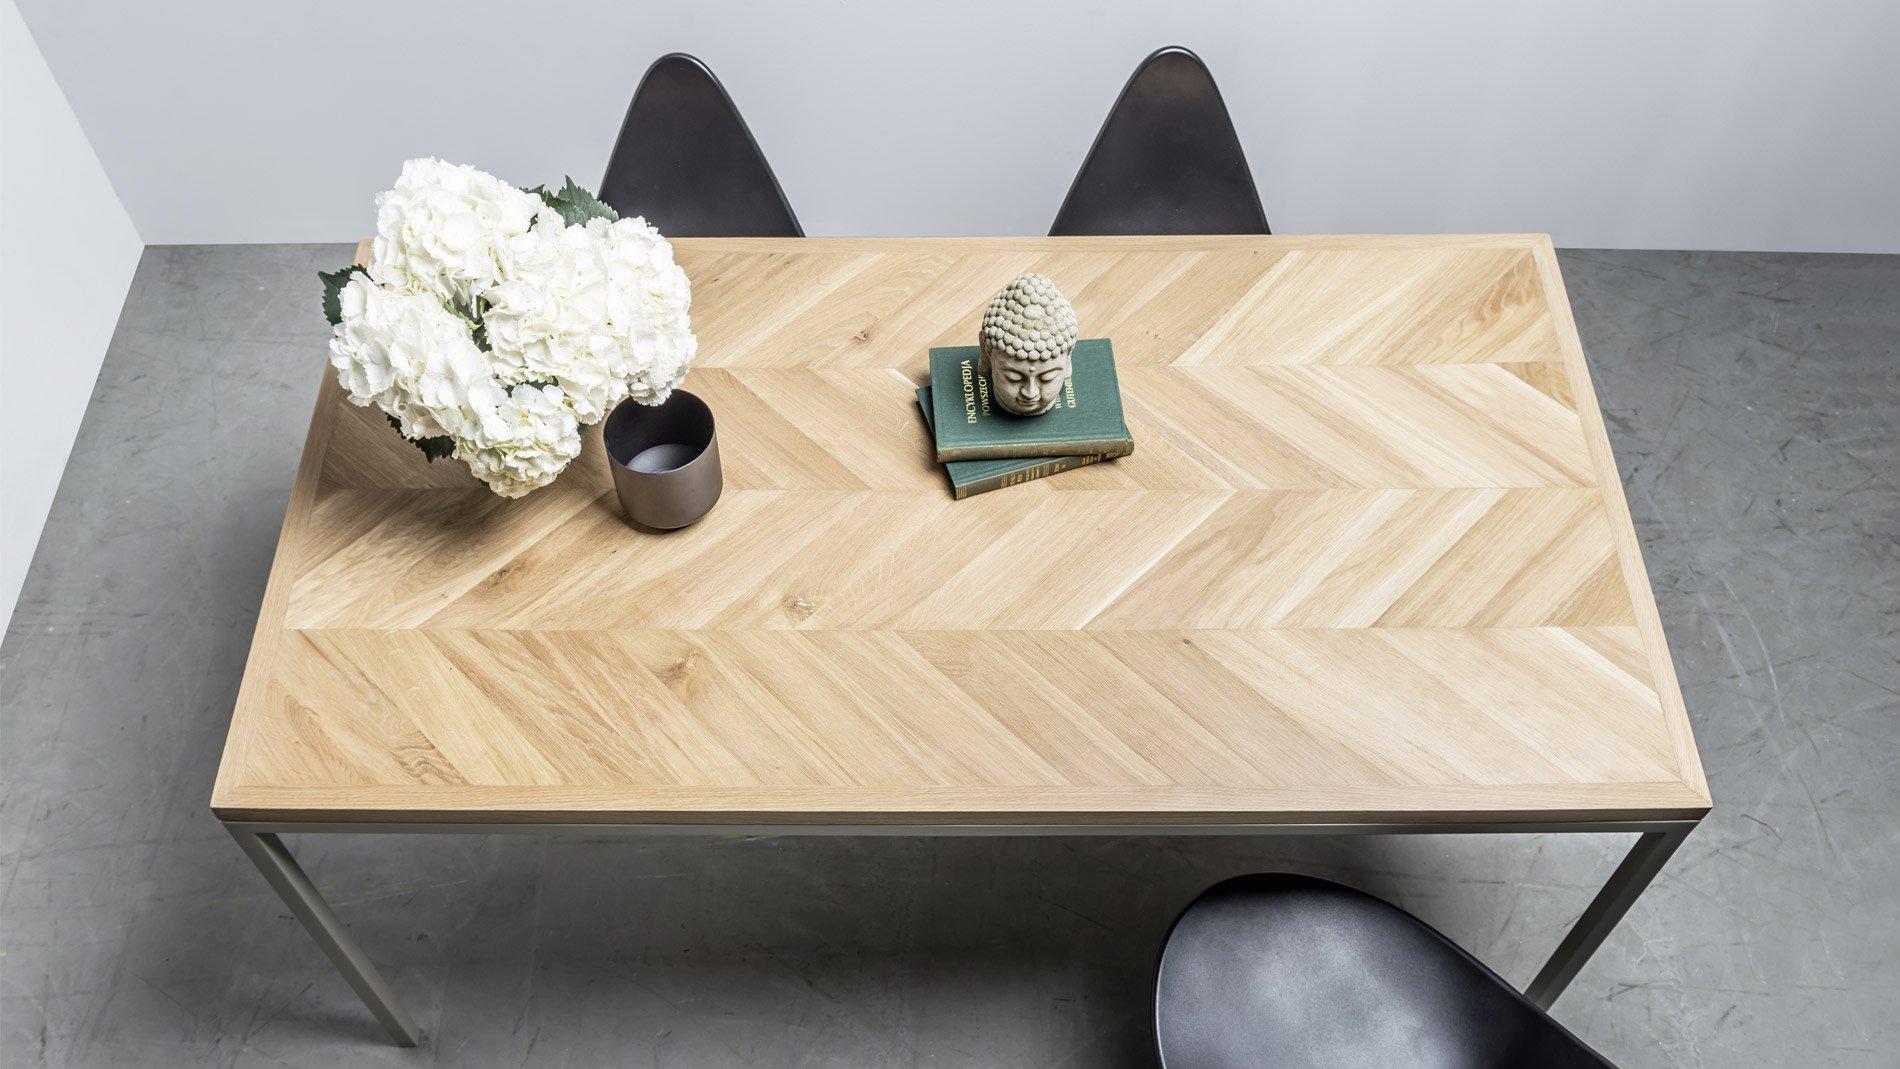 Elegancki dębowy stół z blatem w klasyczną jodełkę - Stół Charllote od Hoom